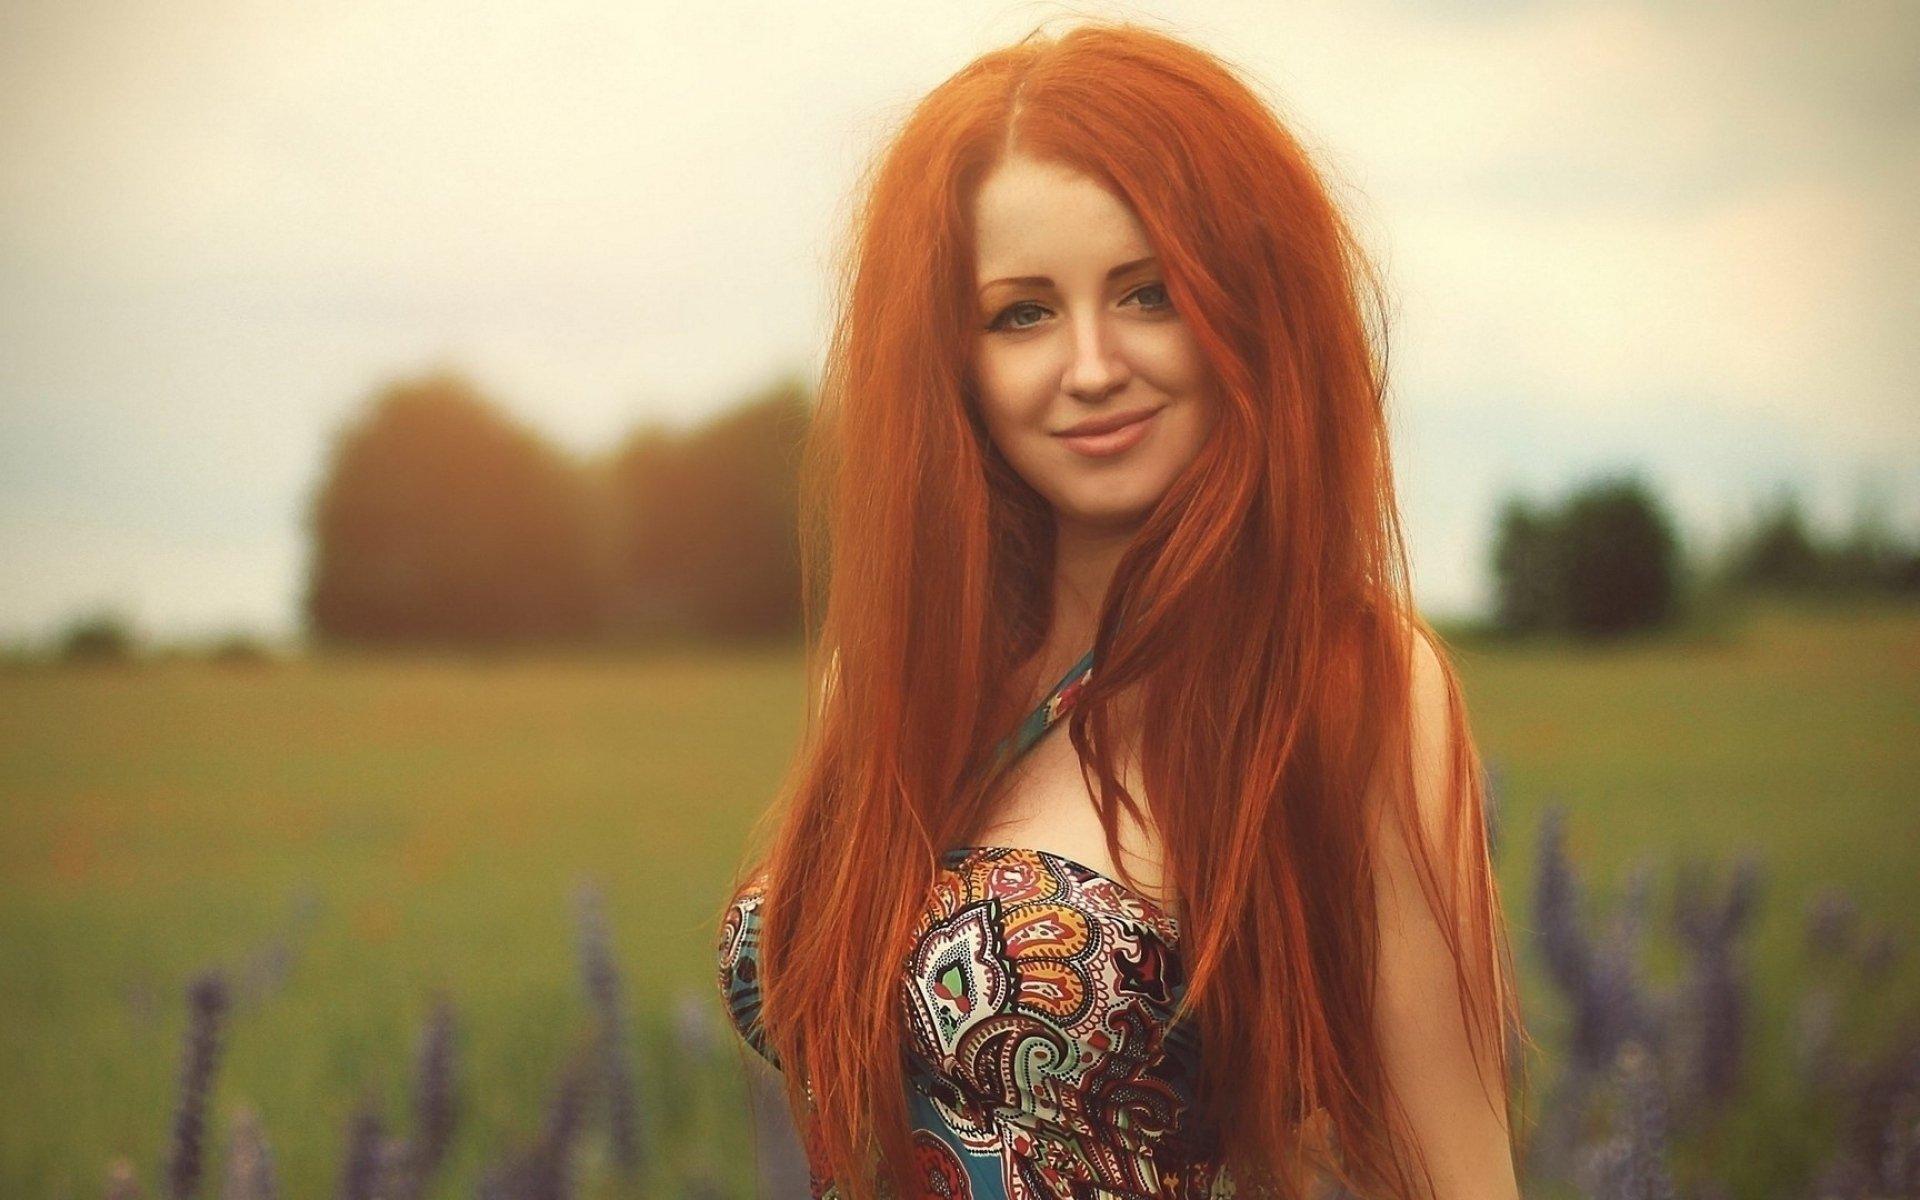 девушка волосы пышные бесплатно